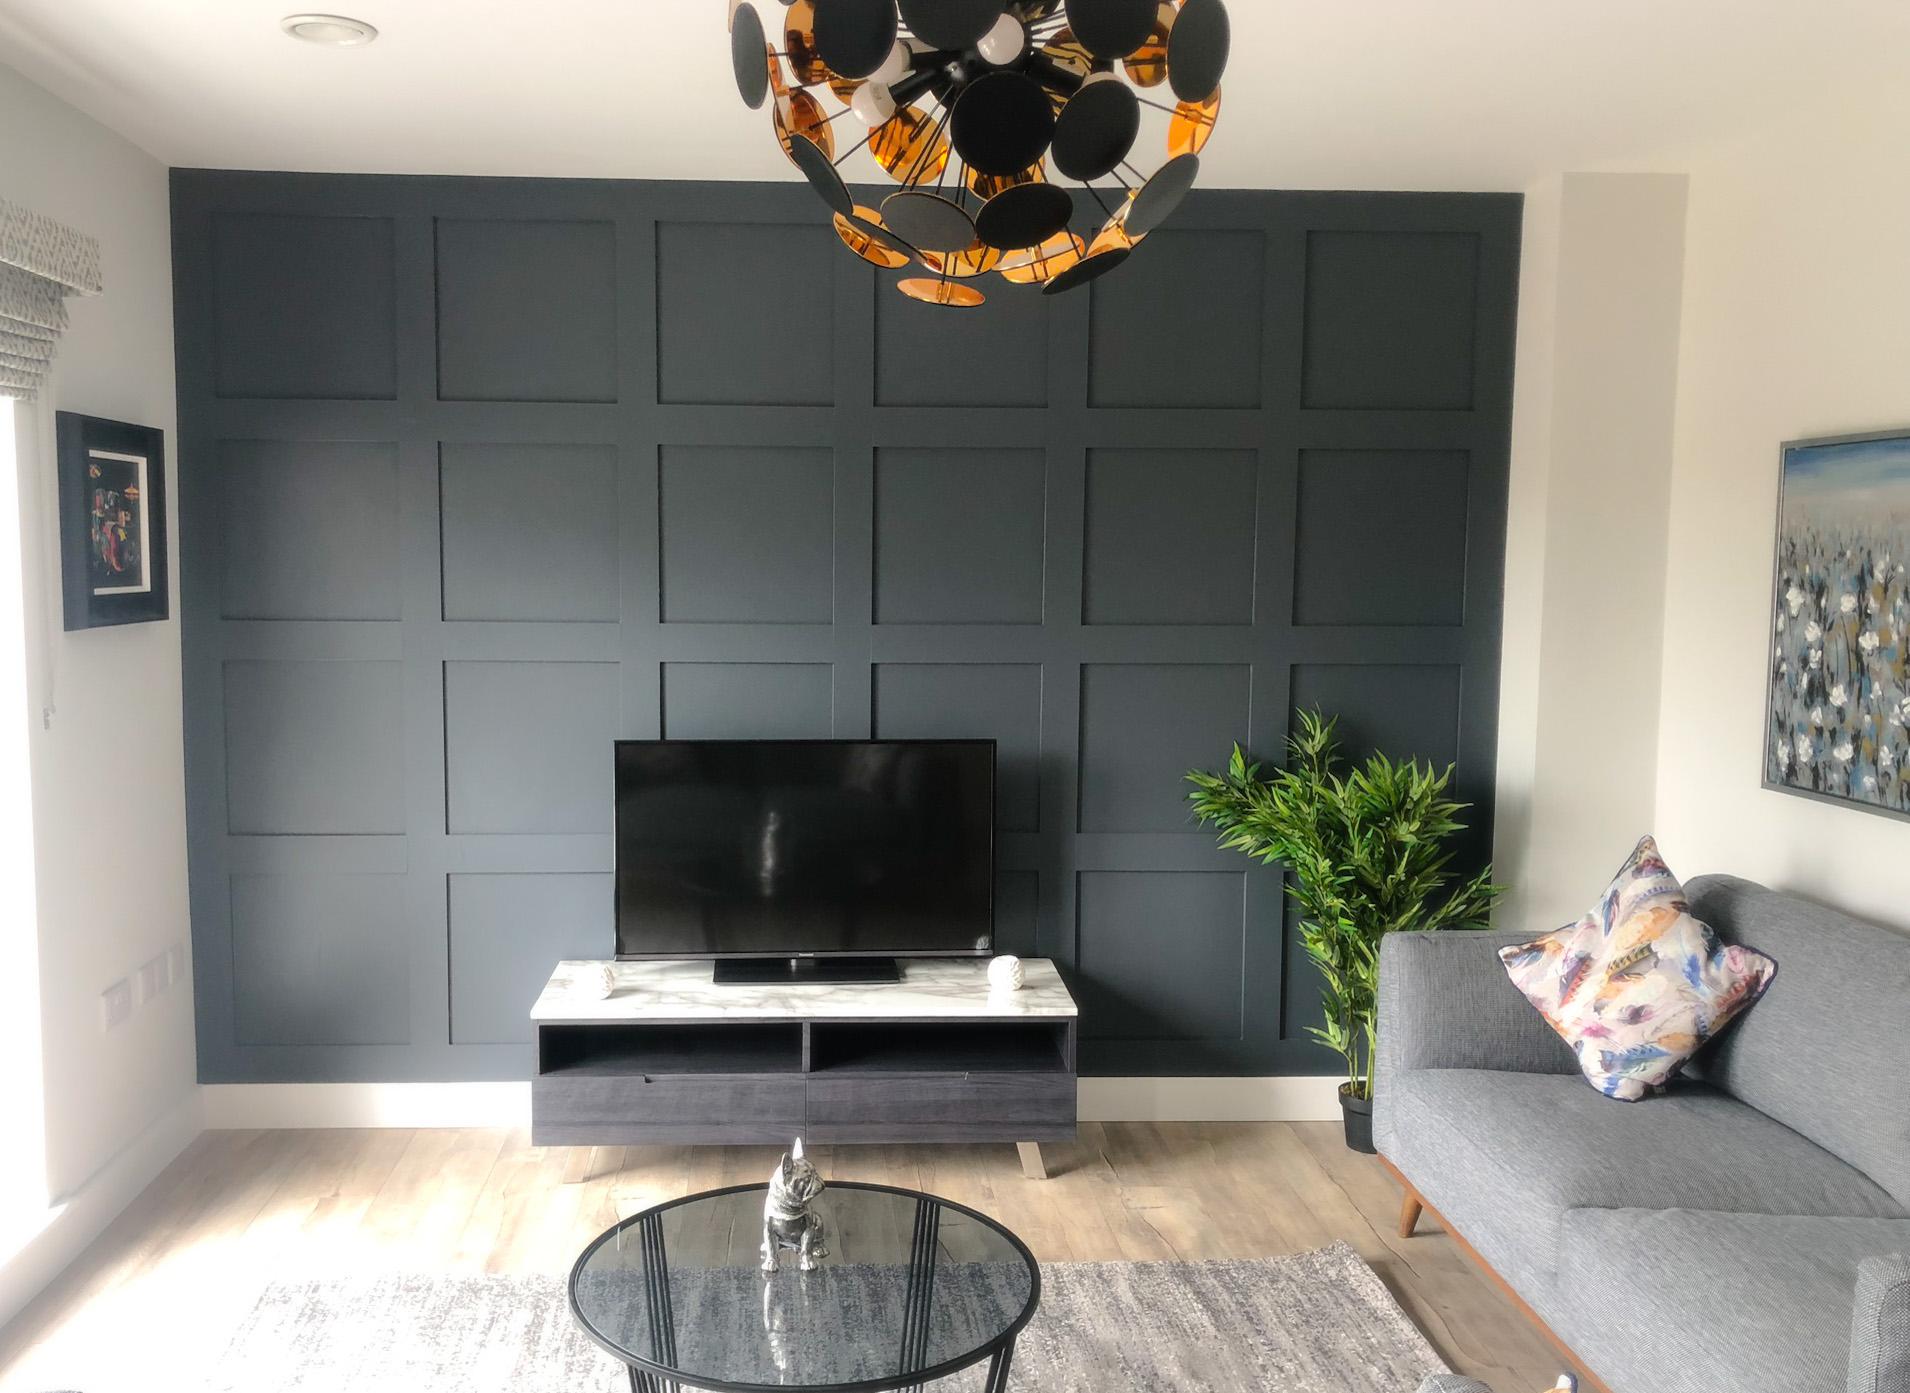 wainscoting wall panelling portmarnock dublin (2).jpg